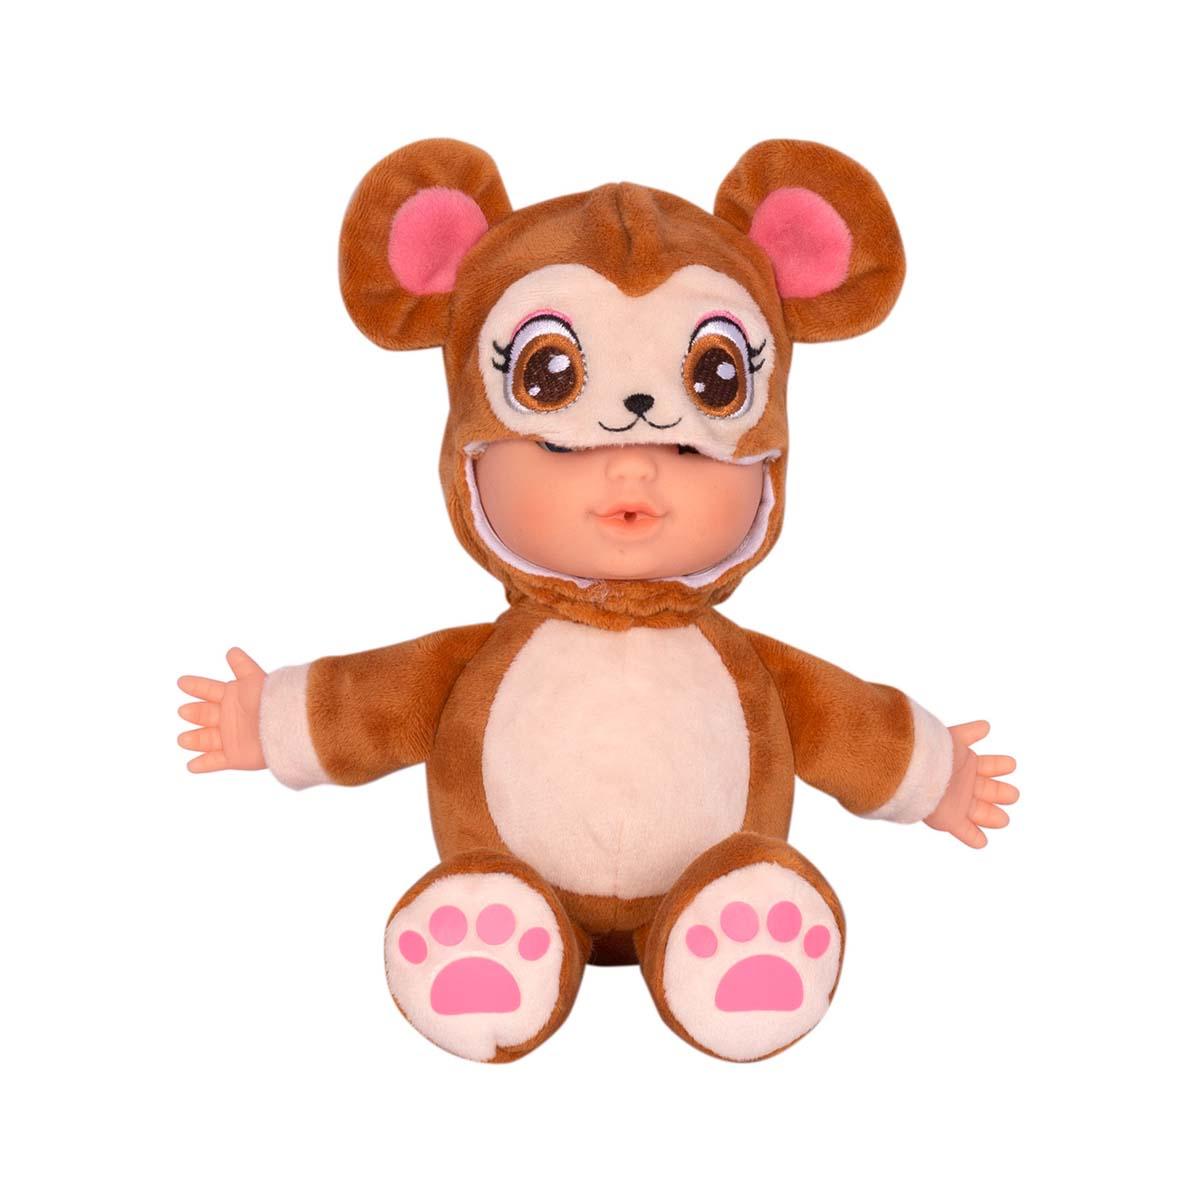 Papusa Maia animalut. Maimutica